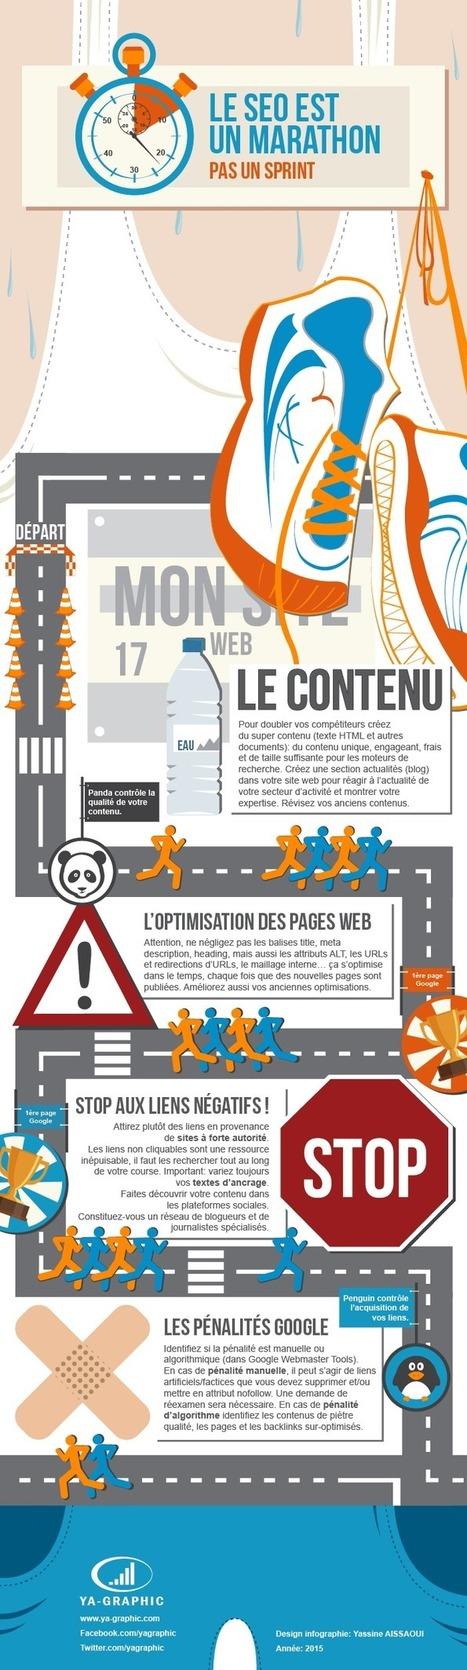 SEO | 4 étapes pour gagner le marathon du référencement naturel (infographie Ya-graphic.com) | Webmarketing infographics - La French Touch digitale en images | Scoop.it